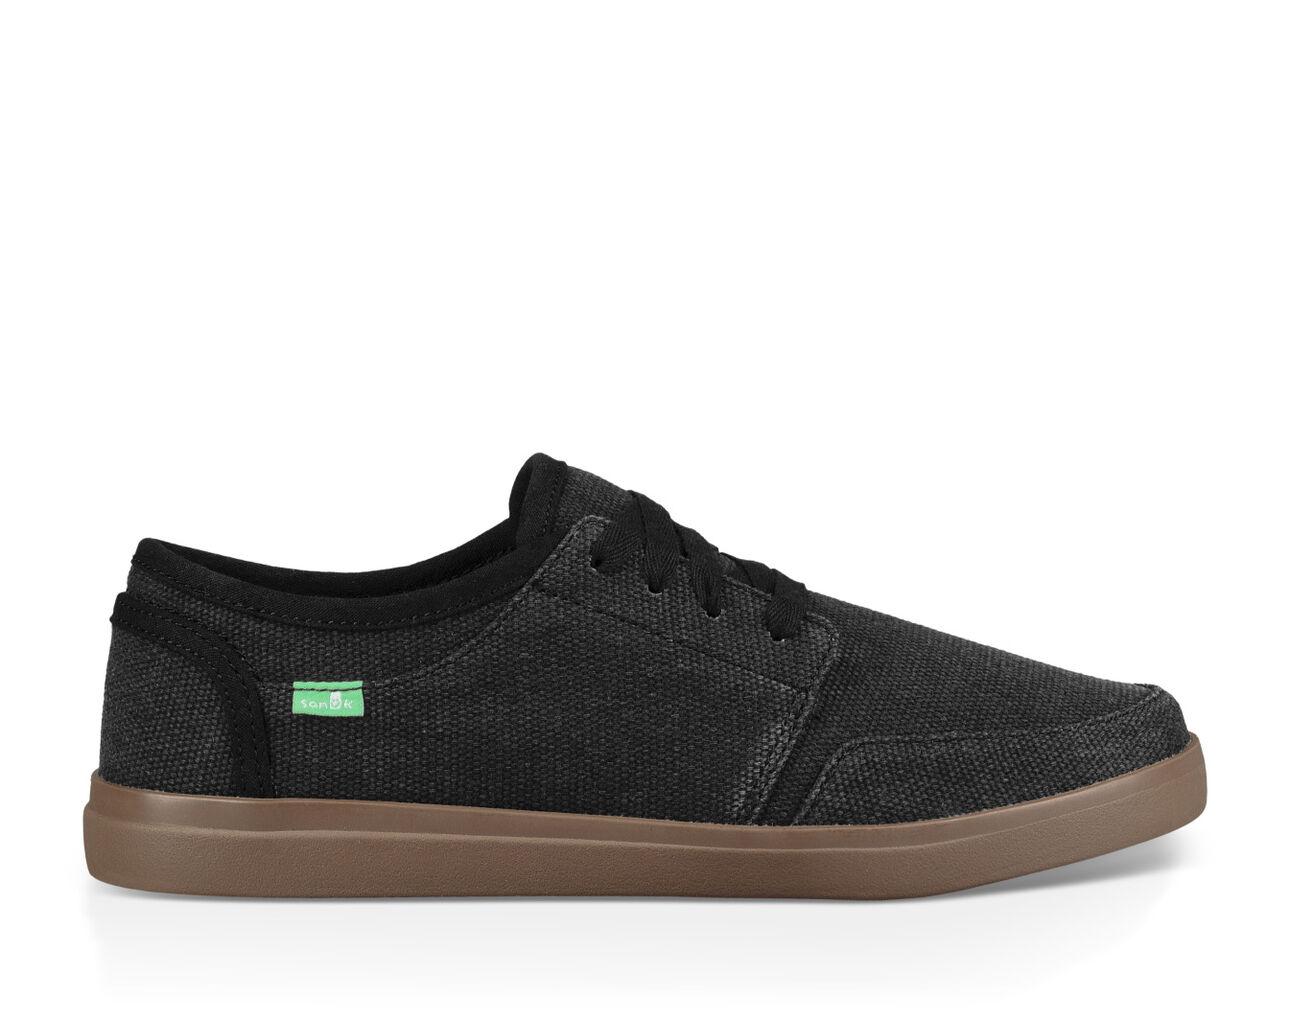 Vagabond Lace Sneaker Sanuk Us